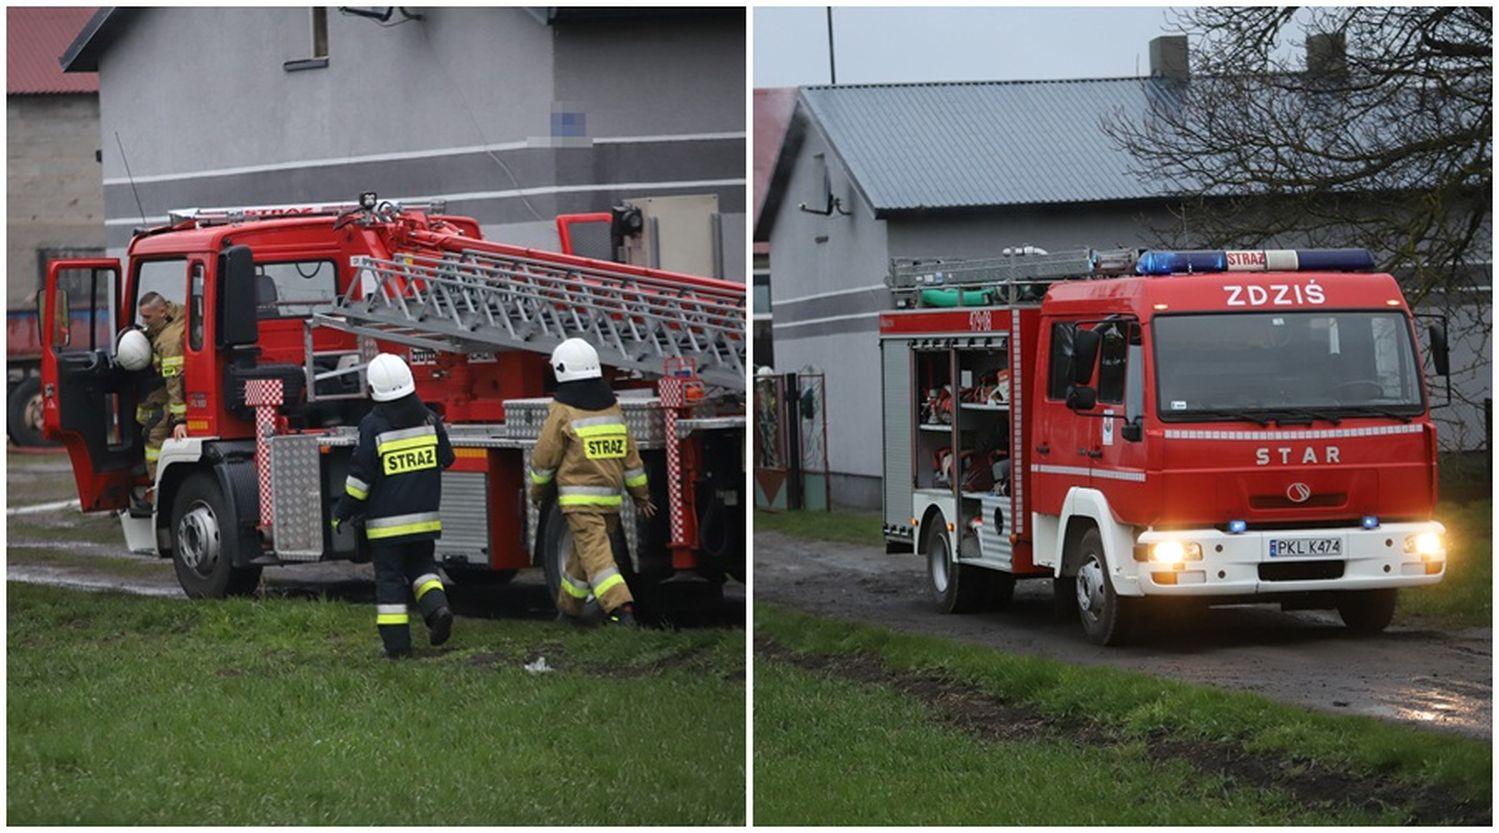 [ZDJĘCIA] Pożar w gospodarstwie. Na miejscu strażacy z Kutna - Zdjęcie główne